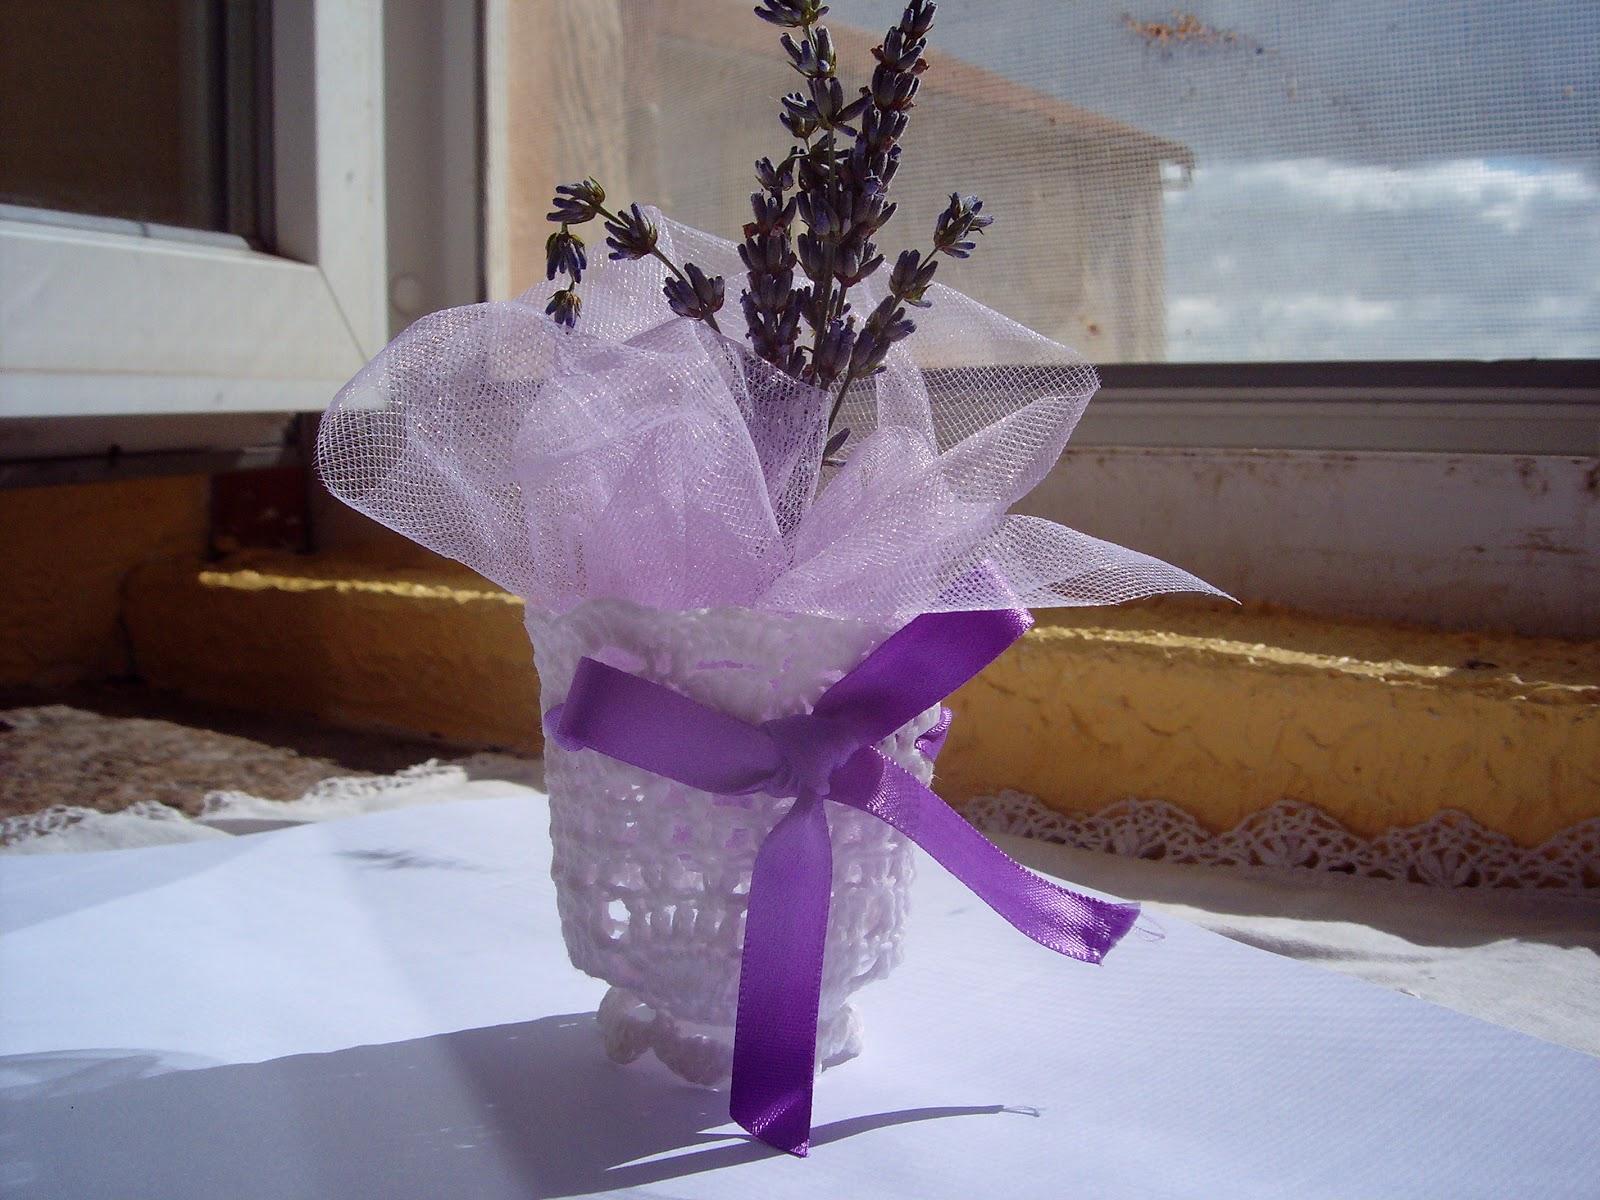 Les trucs et astuces de kiki id e de d coration de table pour mariage fait a - Truc et astuce decoration ...